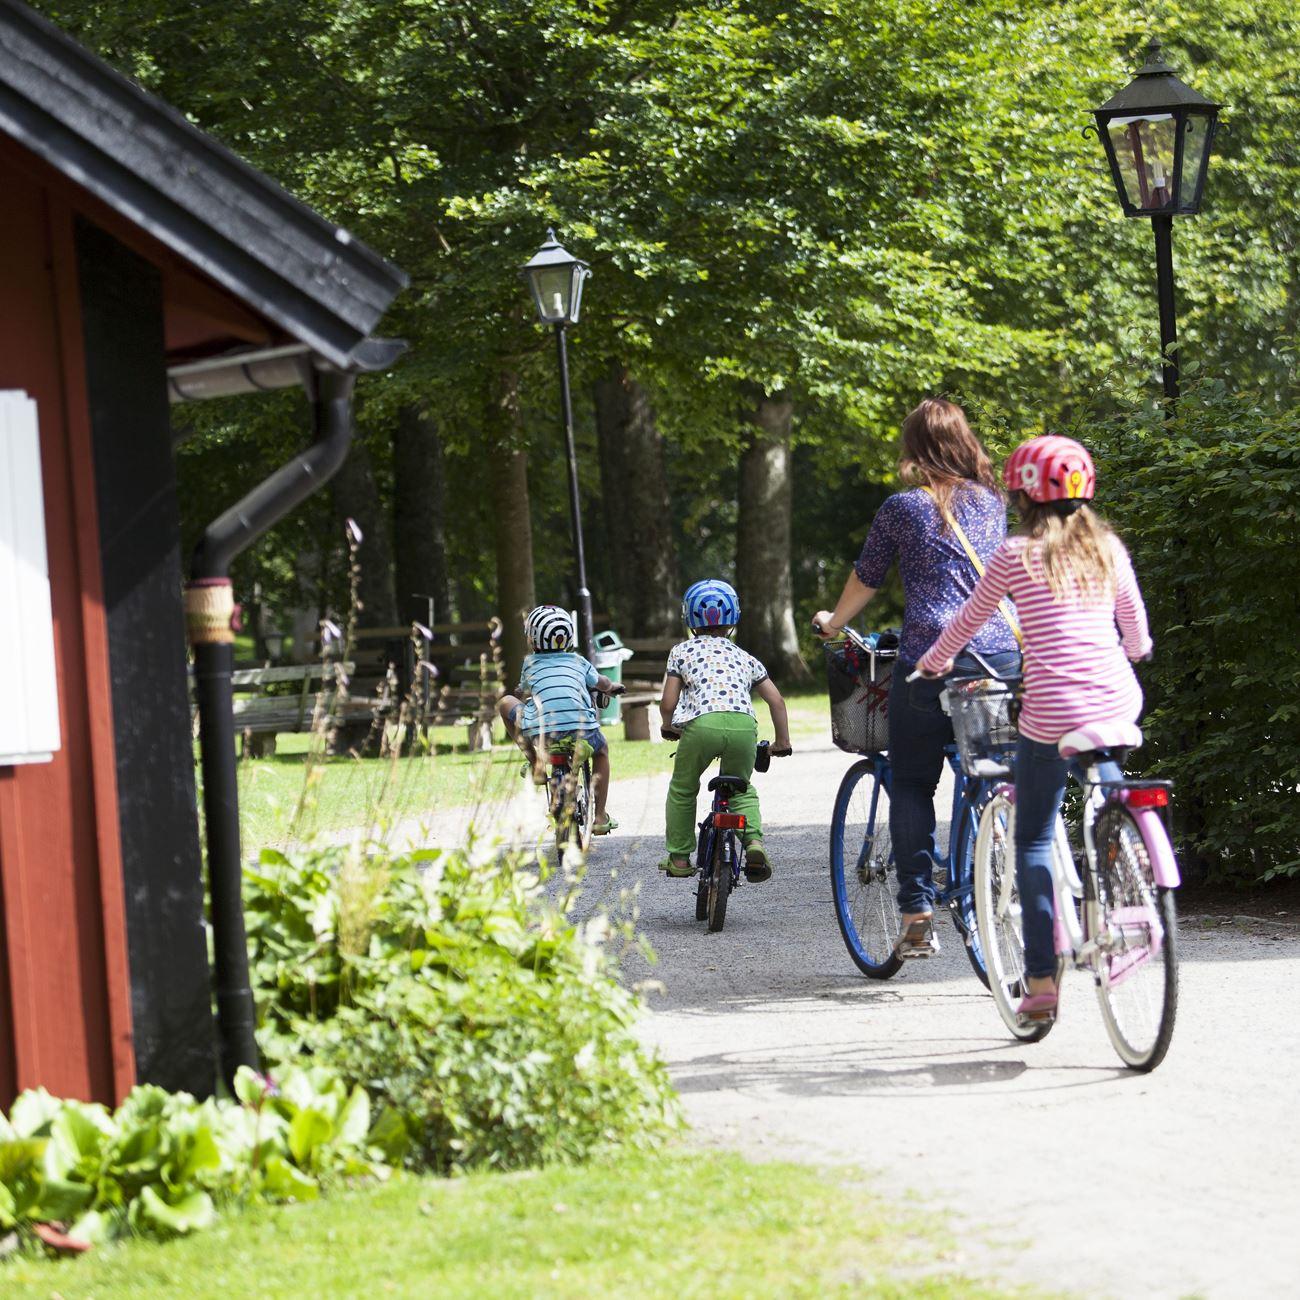 Smålandsbilder.se,  © Värnamo Näringsliv AB , Rent a bike at Svantes Cyklar